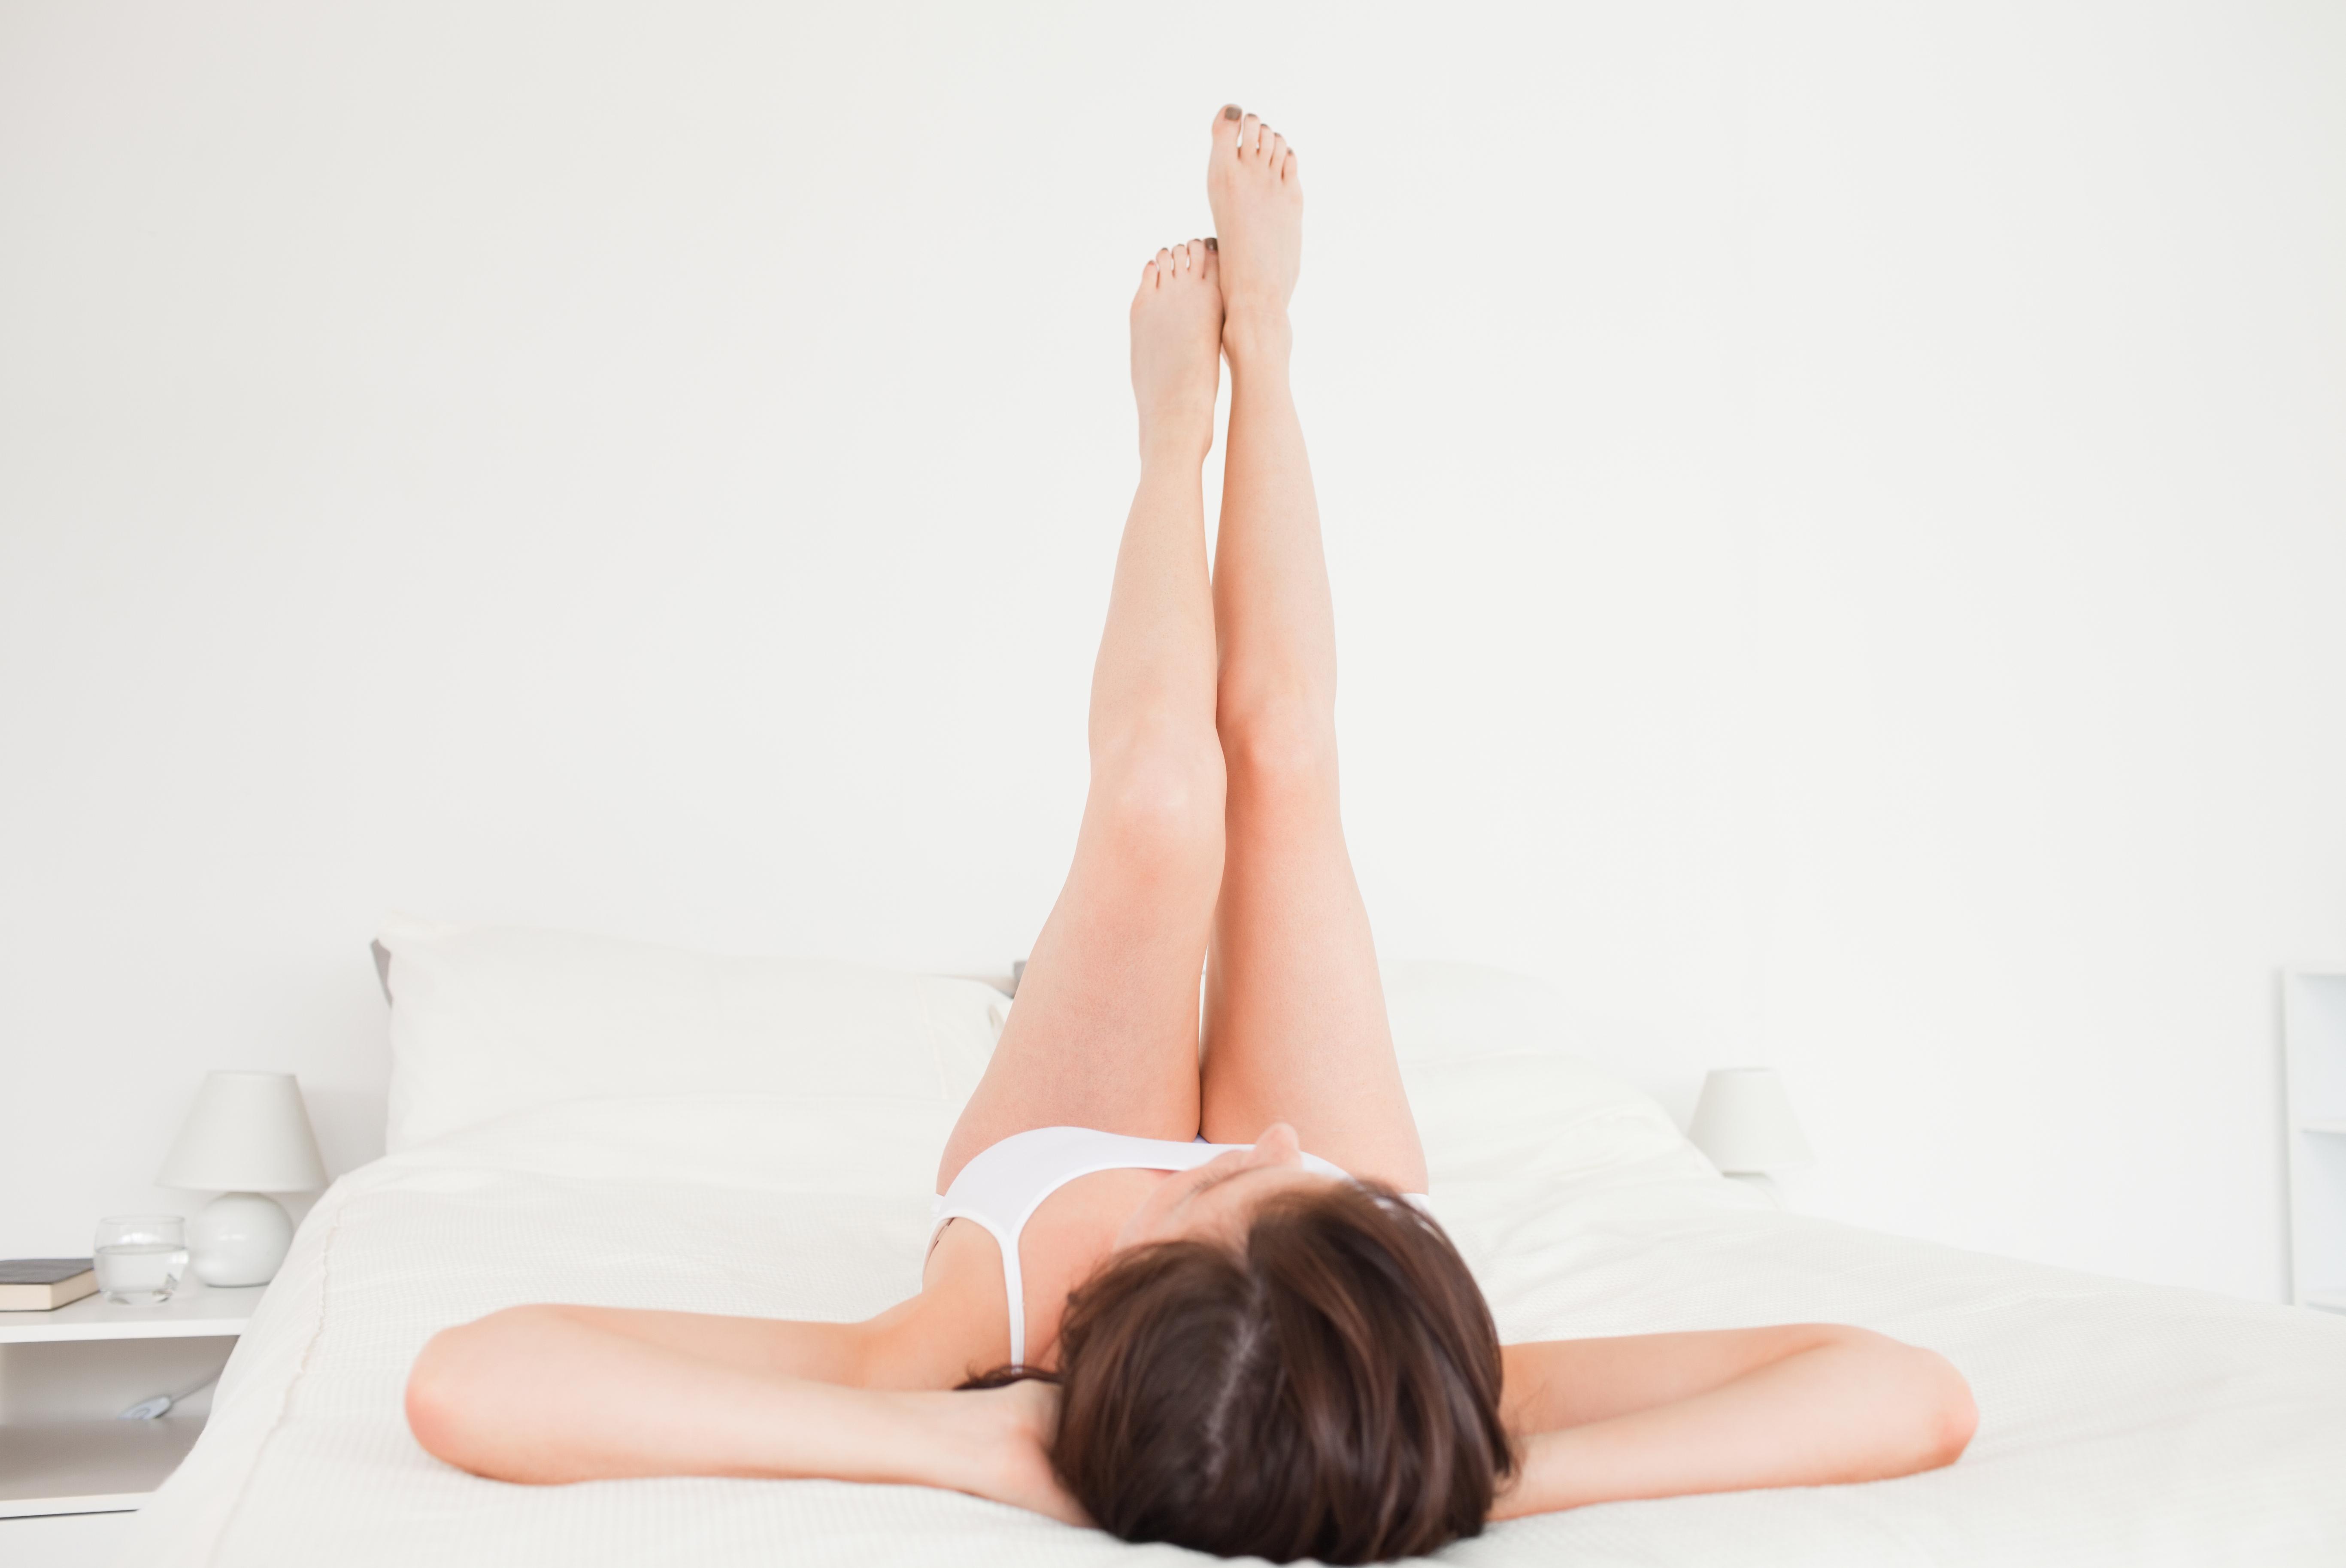 Mujer tumbada en la cama con las piernas en alto